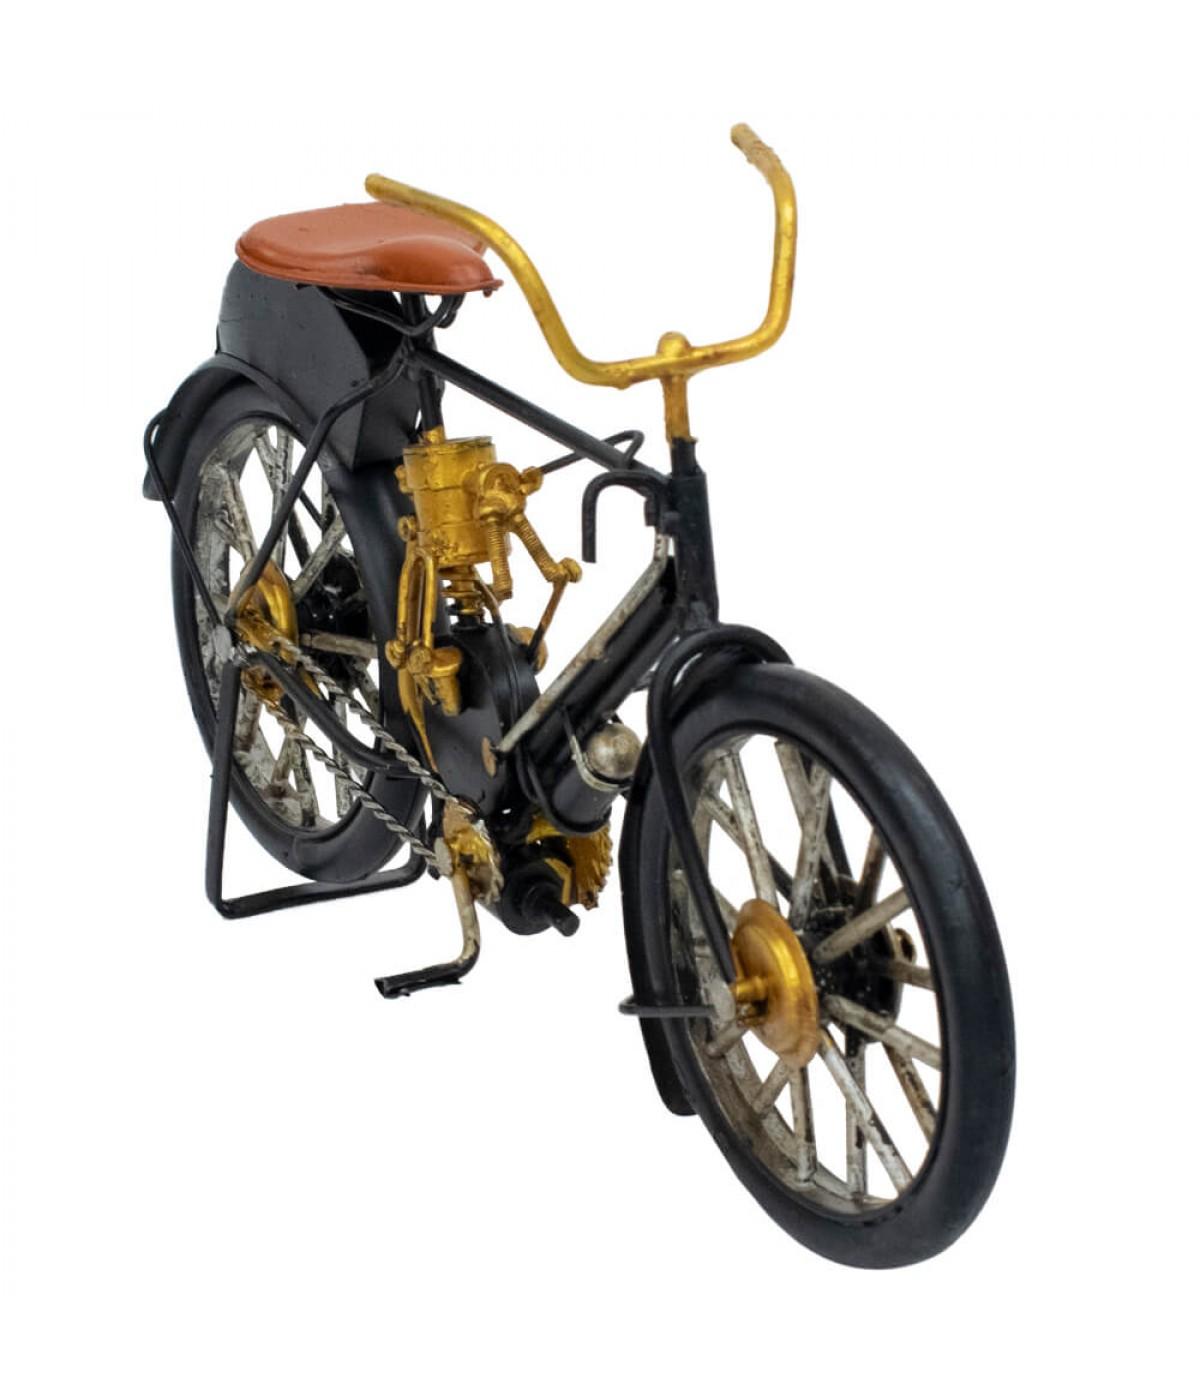 Bicicleta Preta 15.5x26x6.3cm Estilo Retrô - Vintage